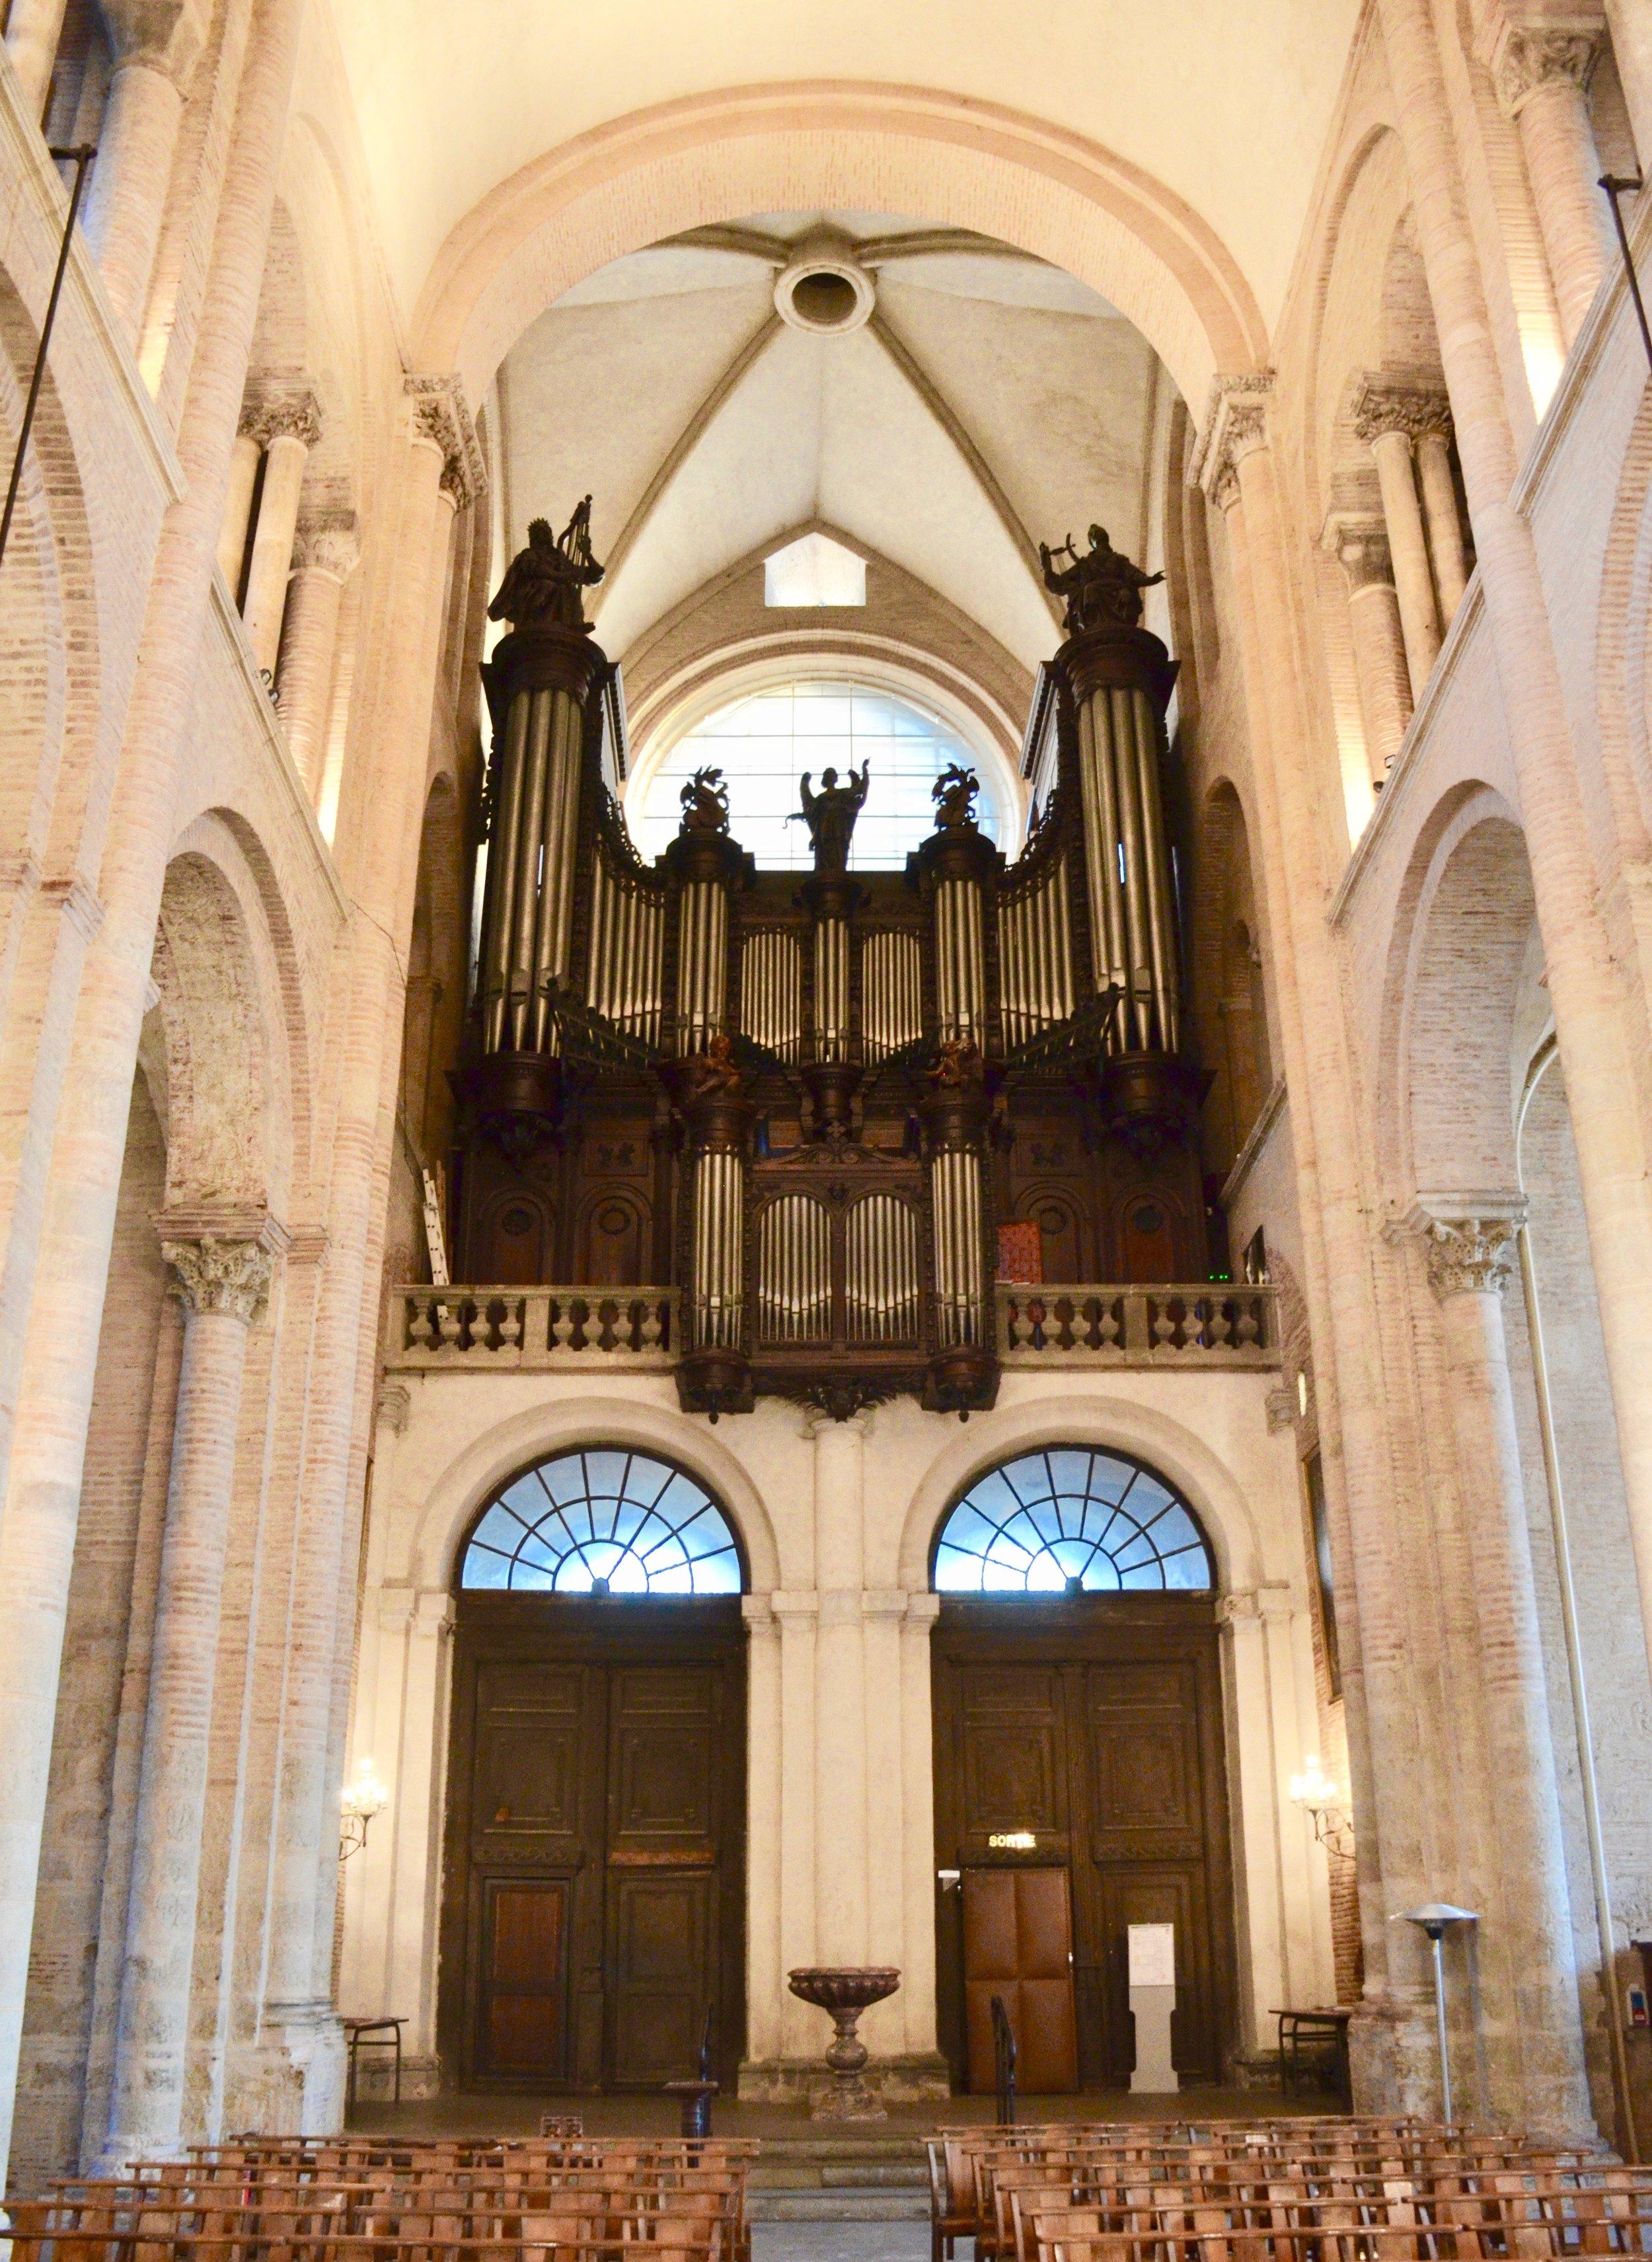 The Cavaillé-Coll organ, St-Sernin, Toulouse